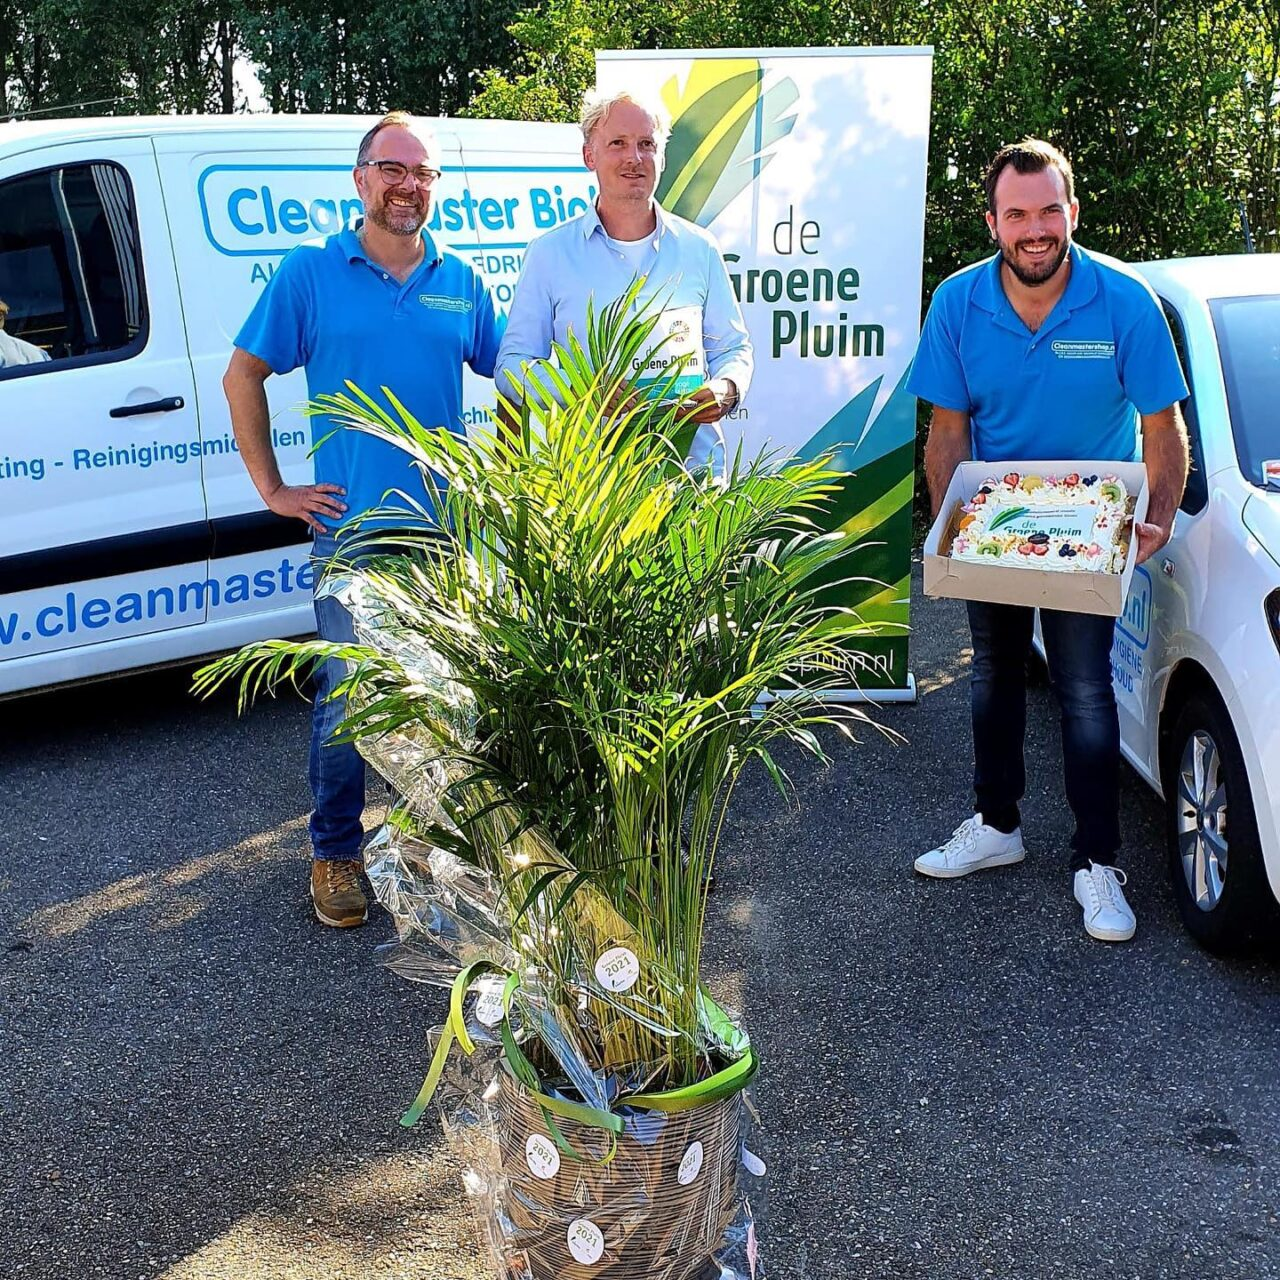 Het Cleanmaster Biolux team ontvangt de Groene Pluim